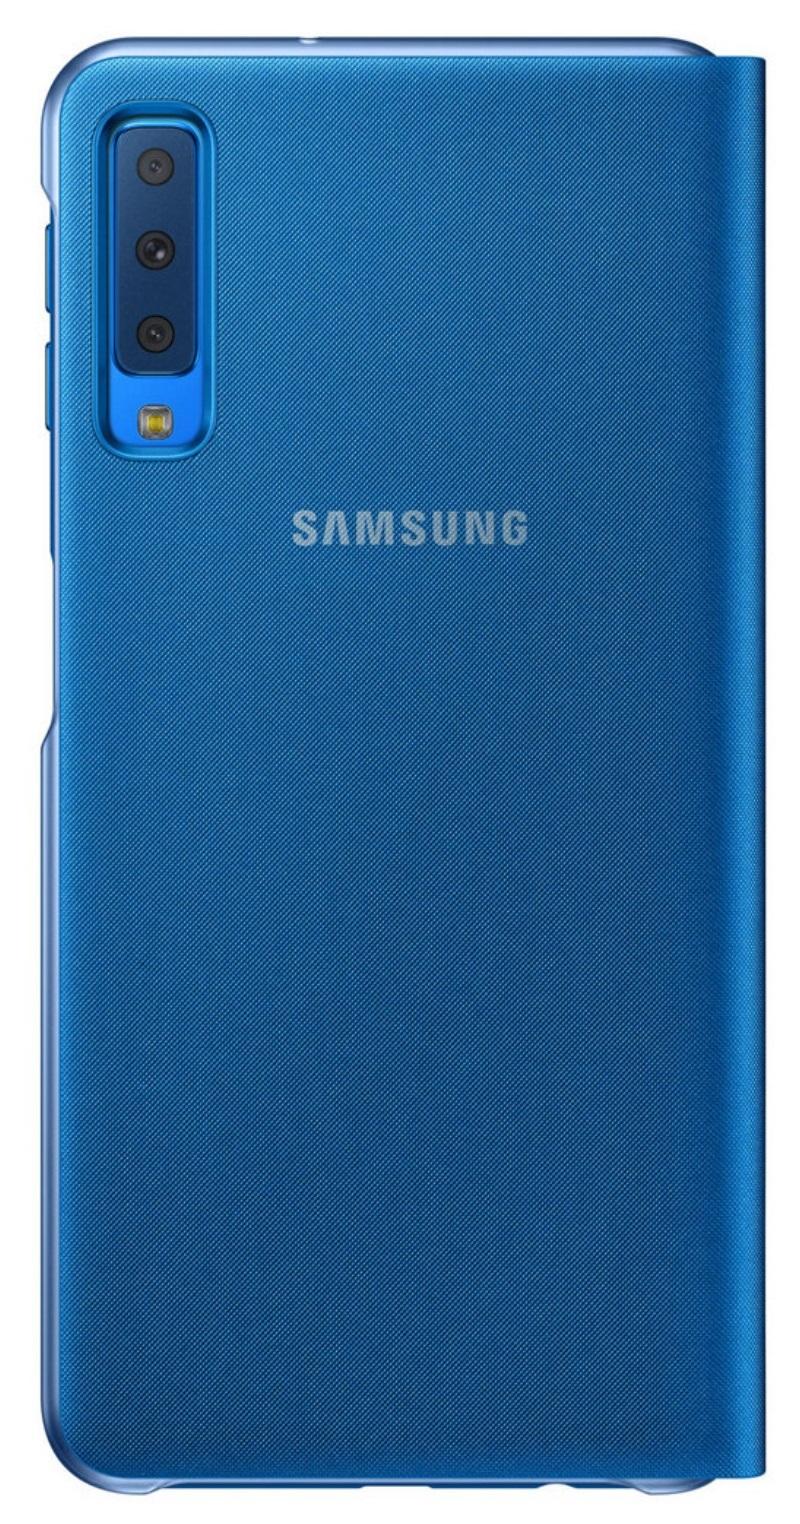 Husa tip carte Samsung EF-WA750PLEGWW albastra pentru Samsung Galaxy A7 2018 (A750)